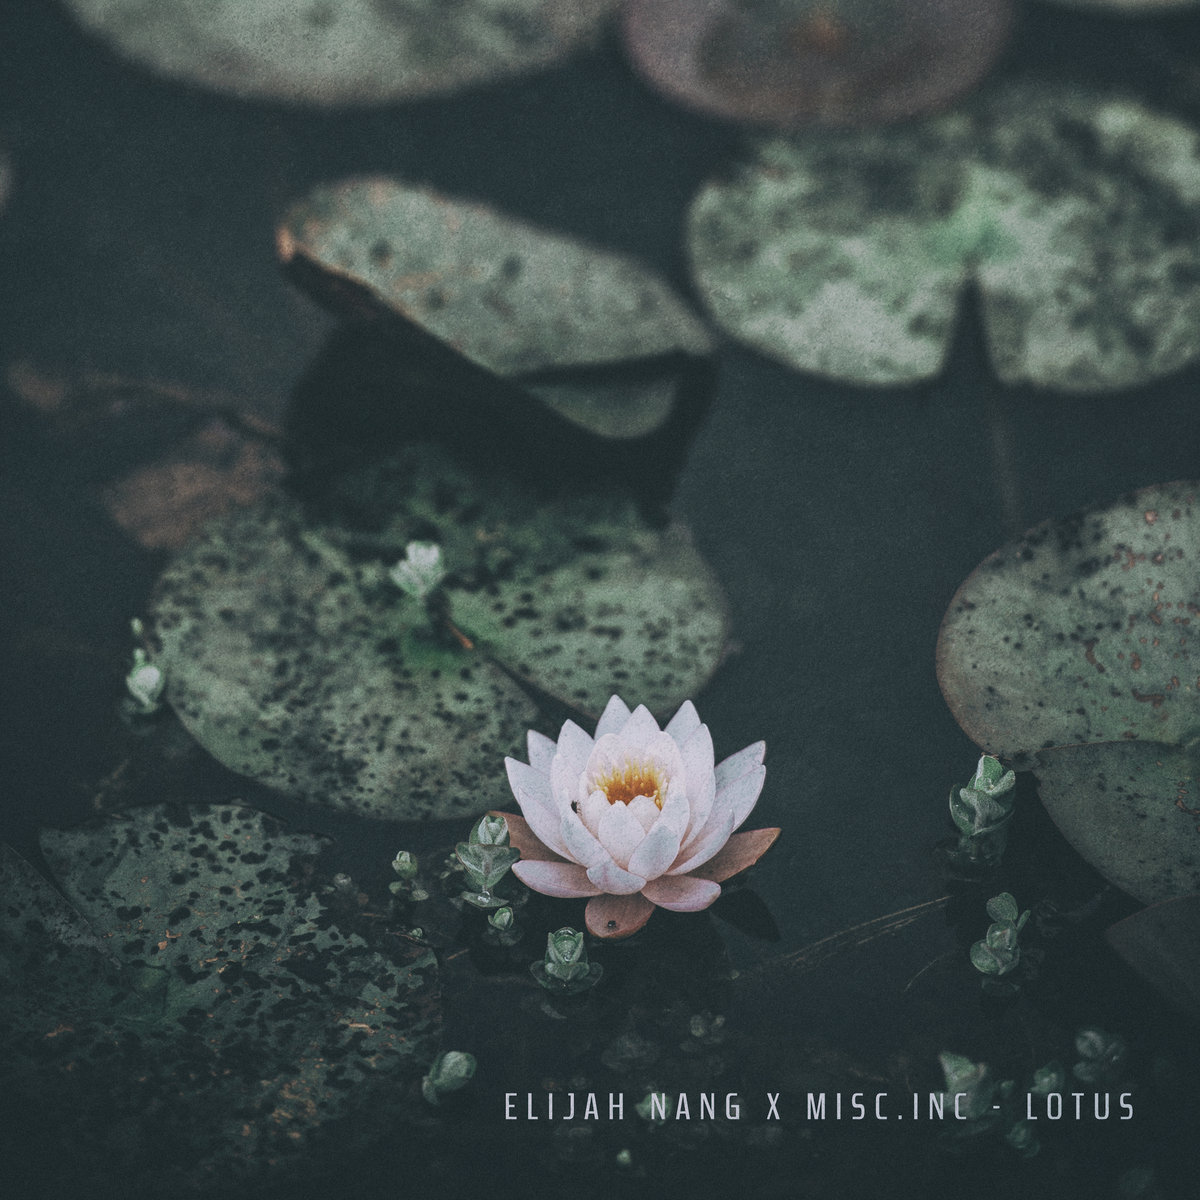 Lotus Miscc